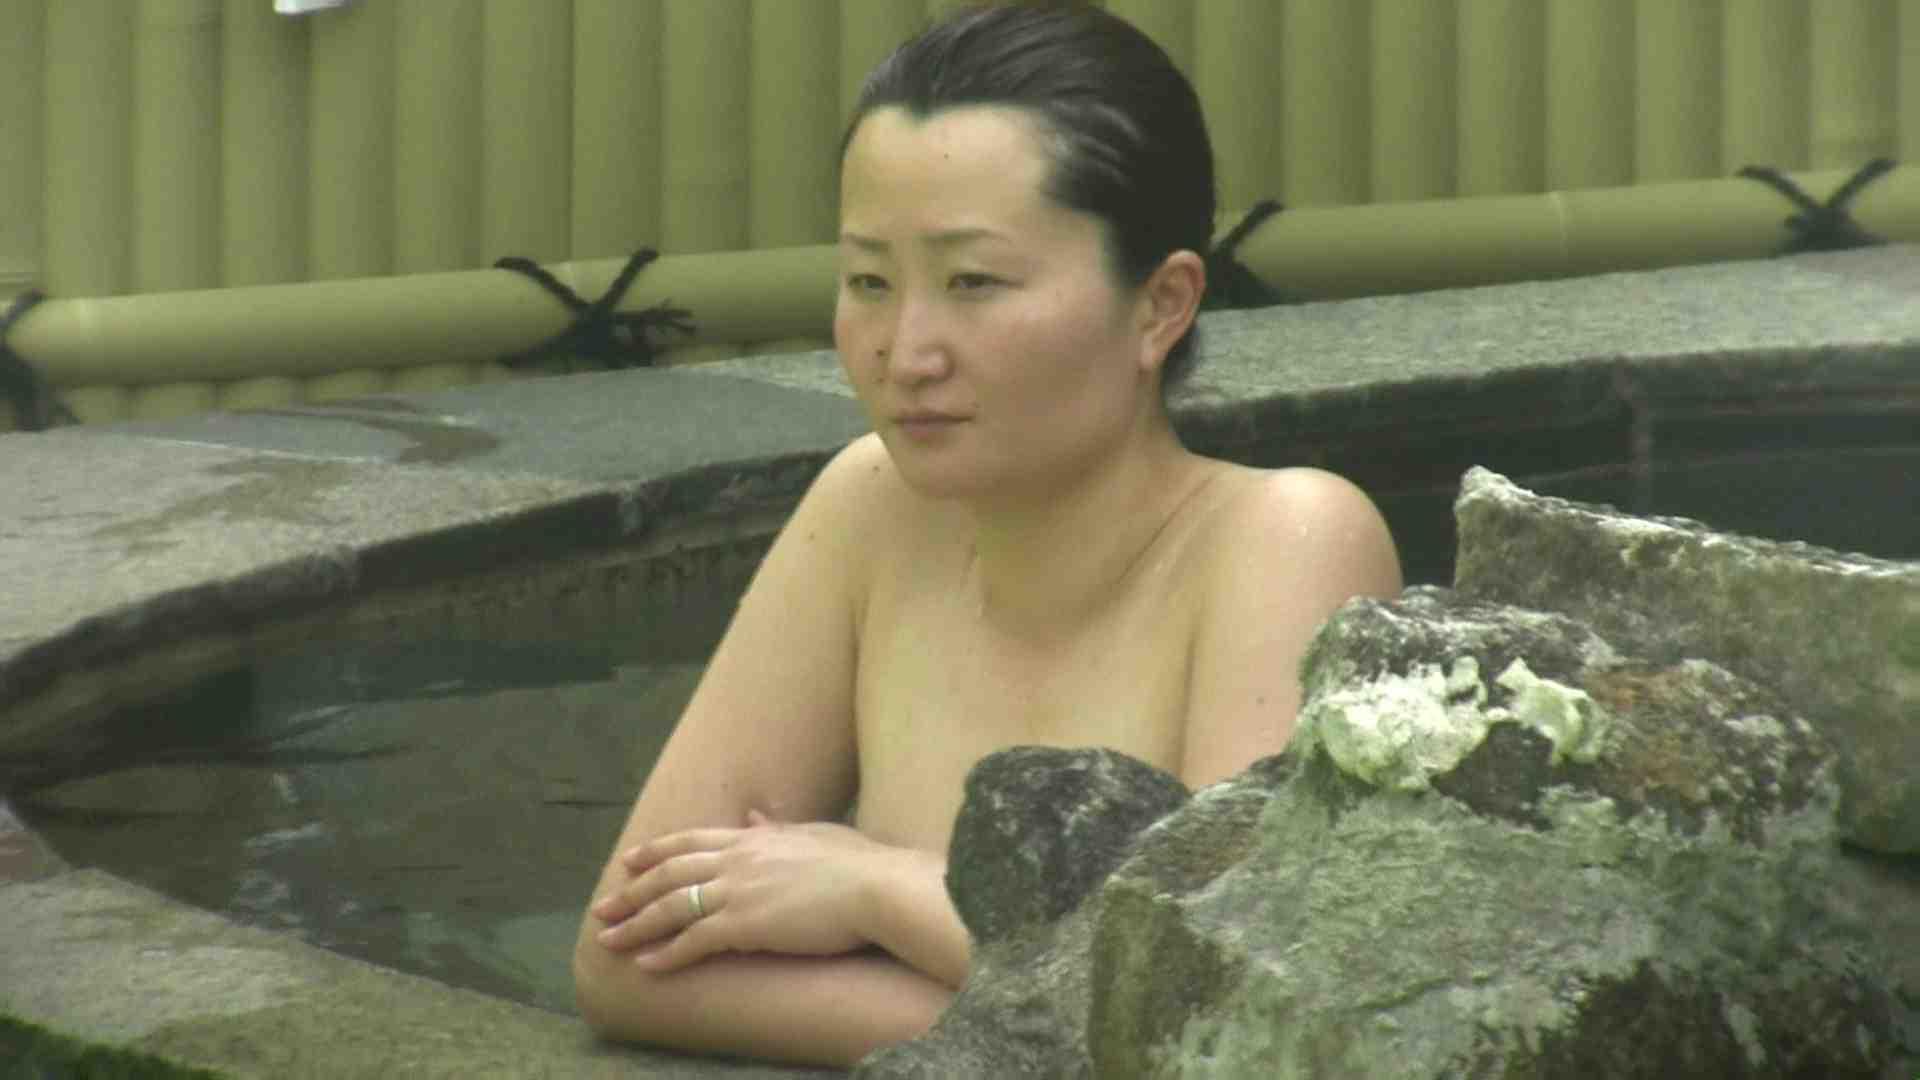 Aquaな露天風呂Vol.632 女体盗撮 | 露天  75連発 64